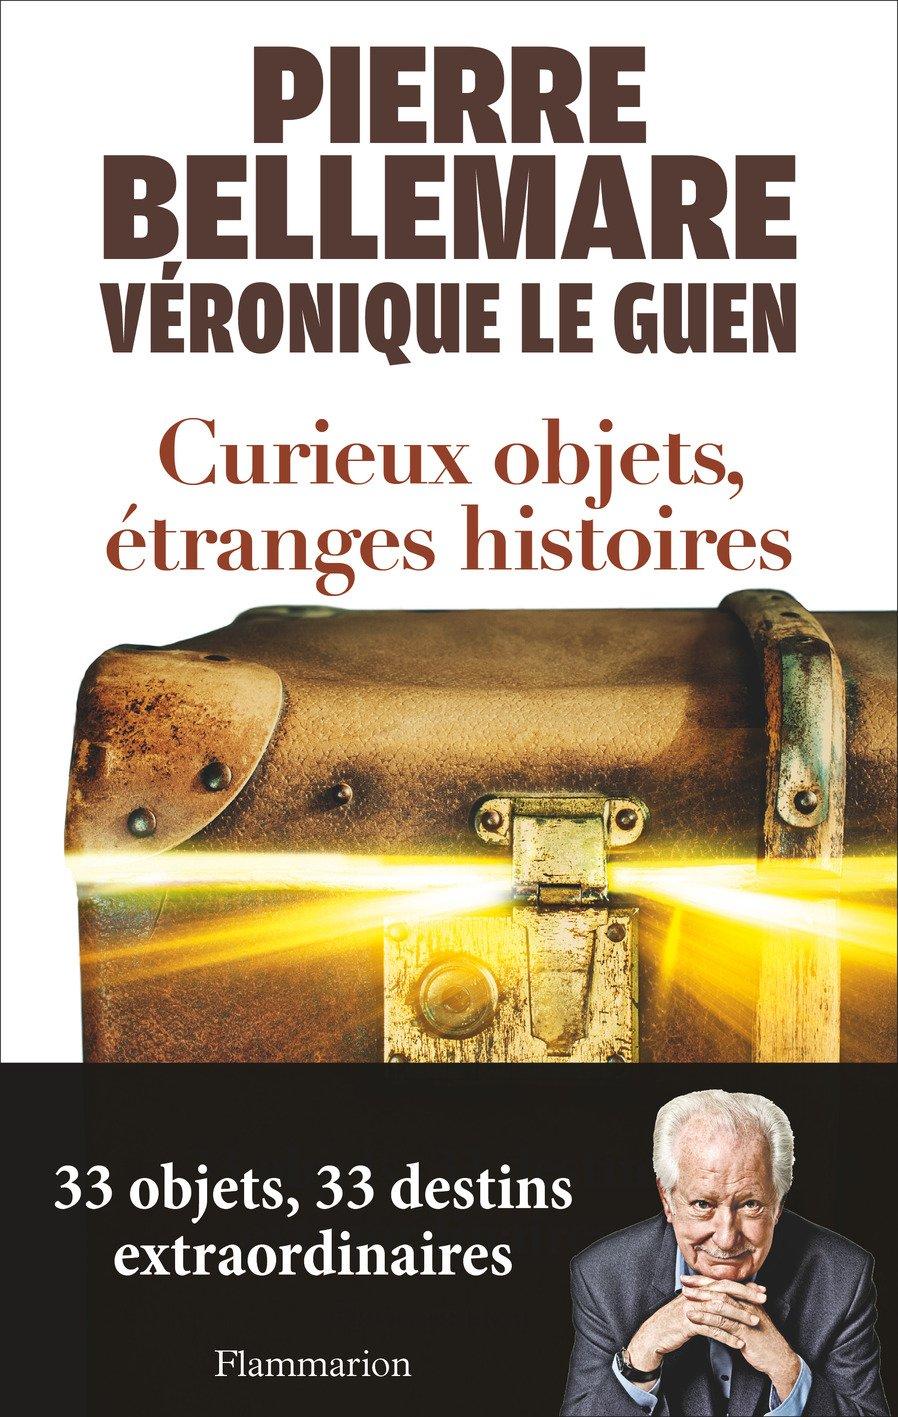 Curieux objets, étranges histoires Broché – 27 avril 2016 Pierre Bellemare FLAMMARION 2081353733 Antiquité brocante